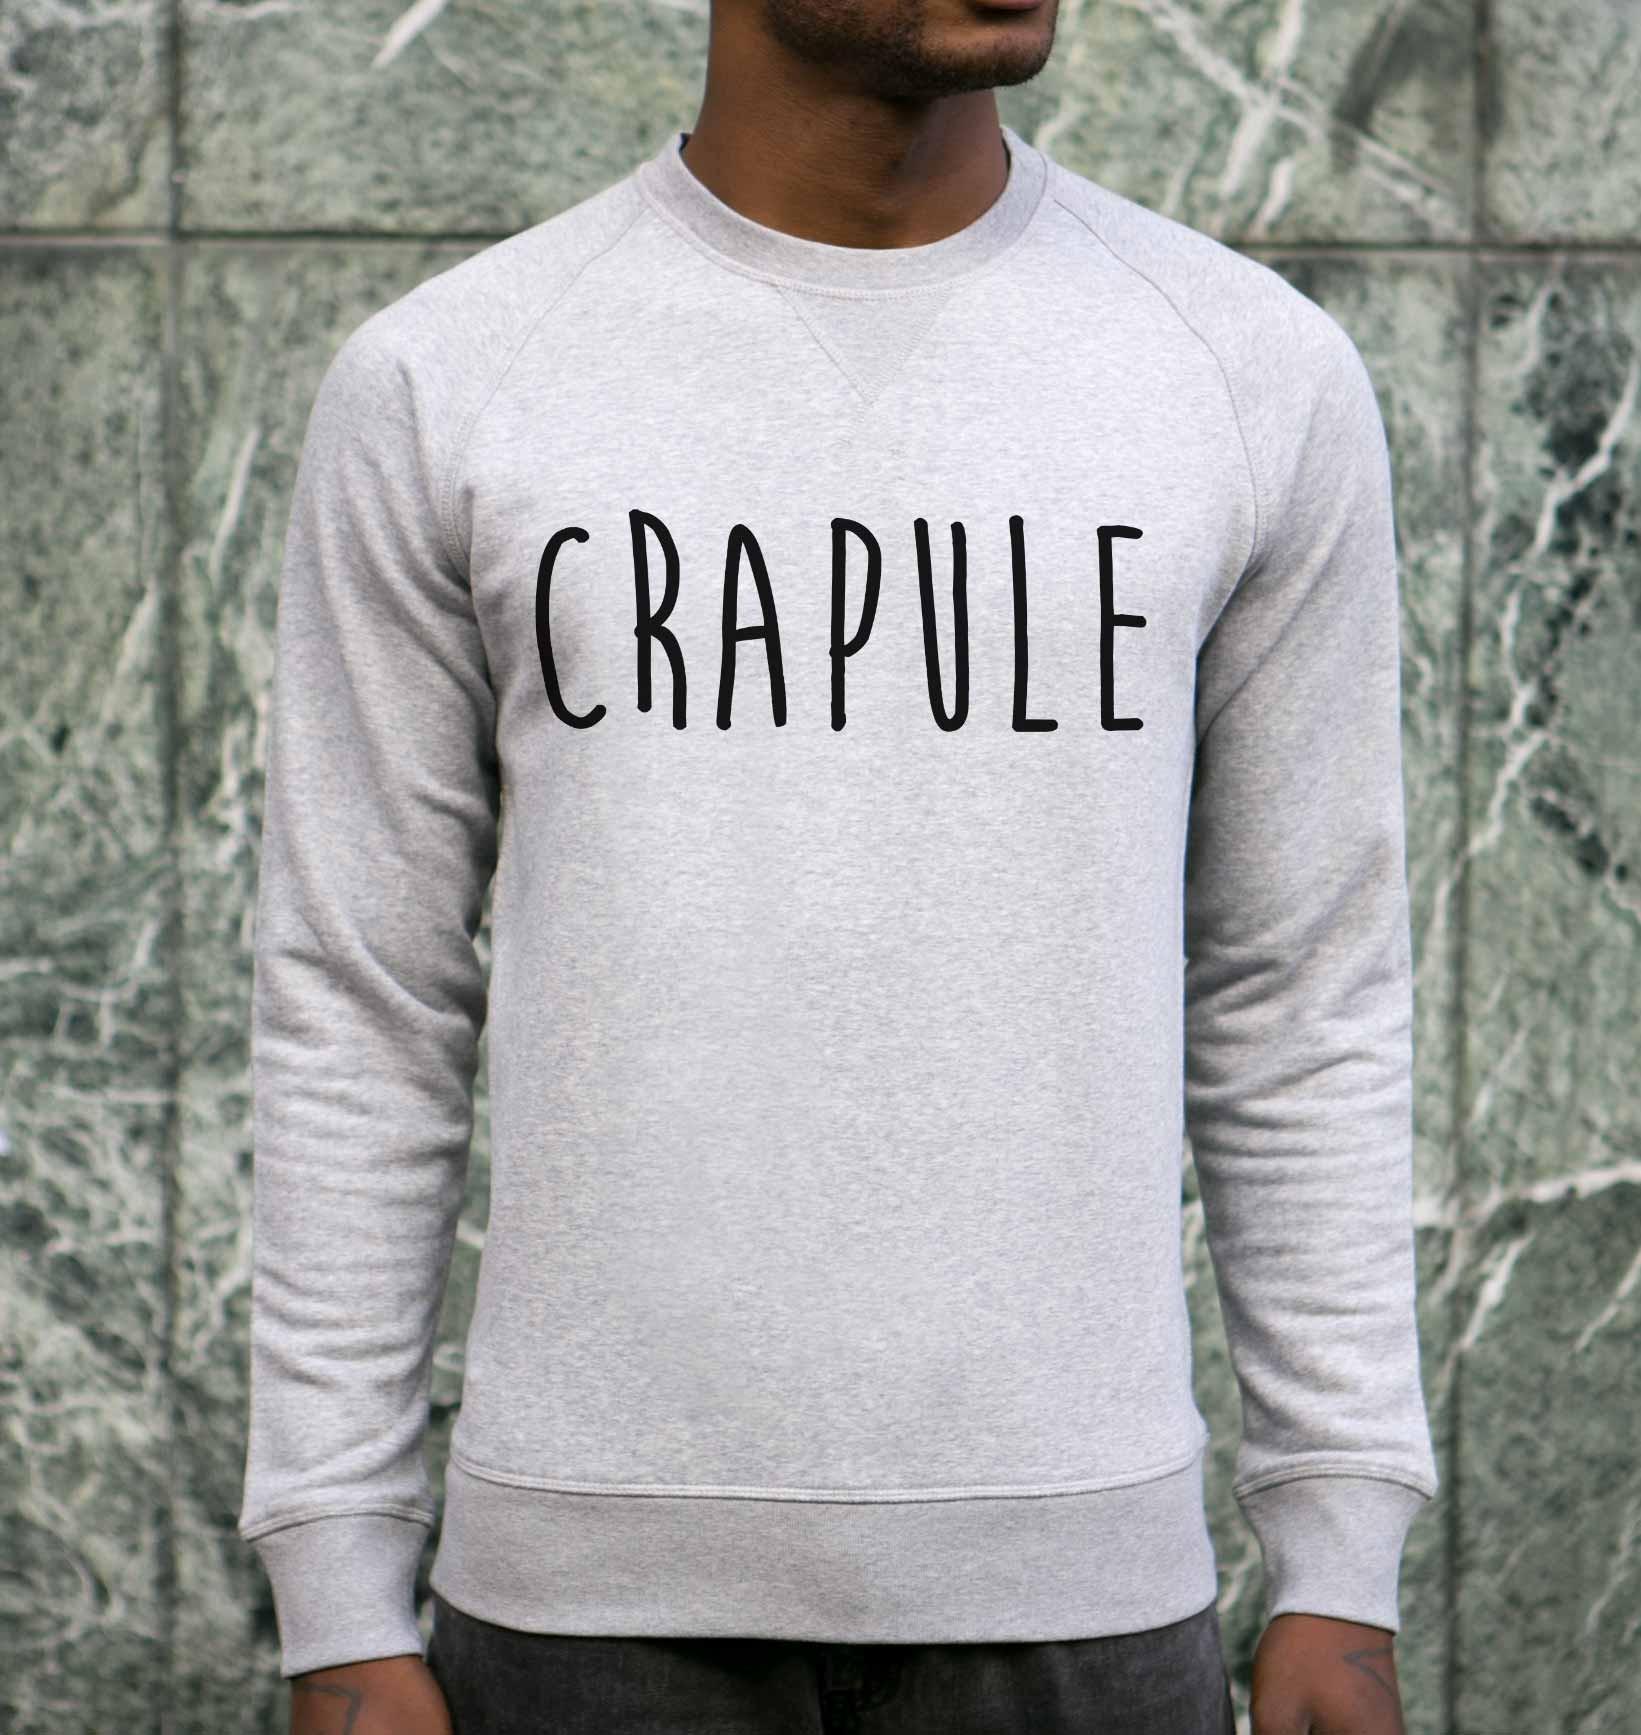 Sweatshirt Grafitee Sweatshirt Crapule Sweatshirt Grafitee Crapule Crapule Grafitee Sweatshirt Crapule z7BzqfA